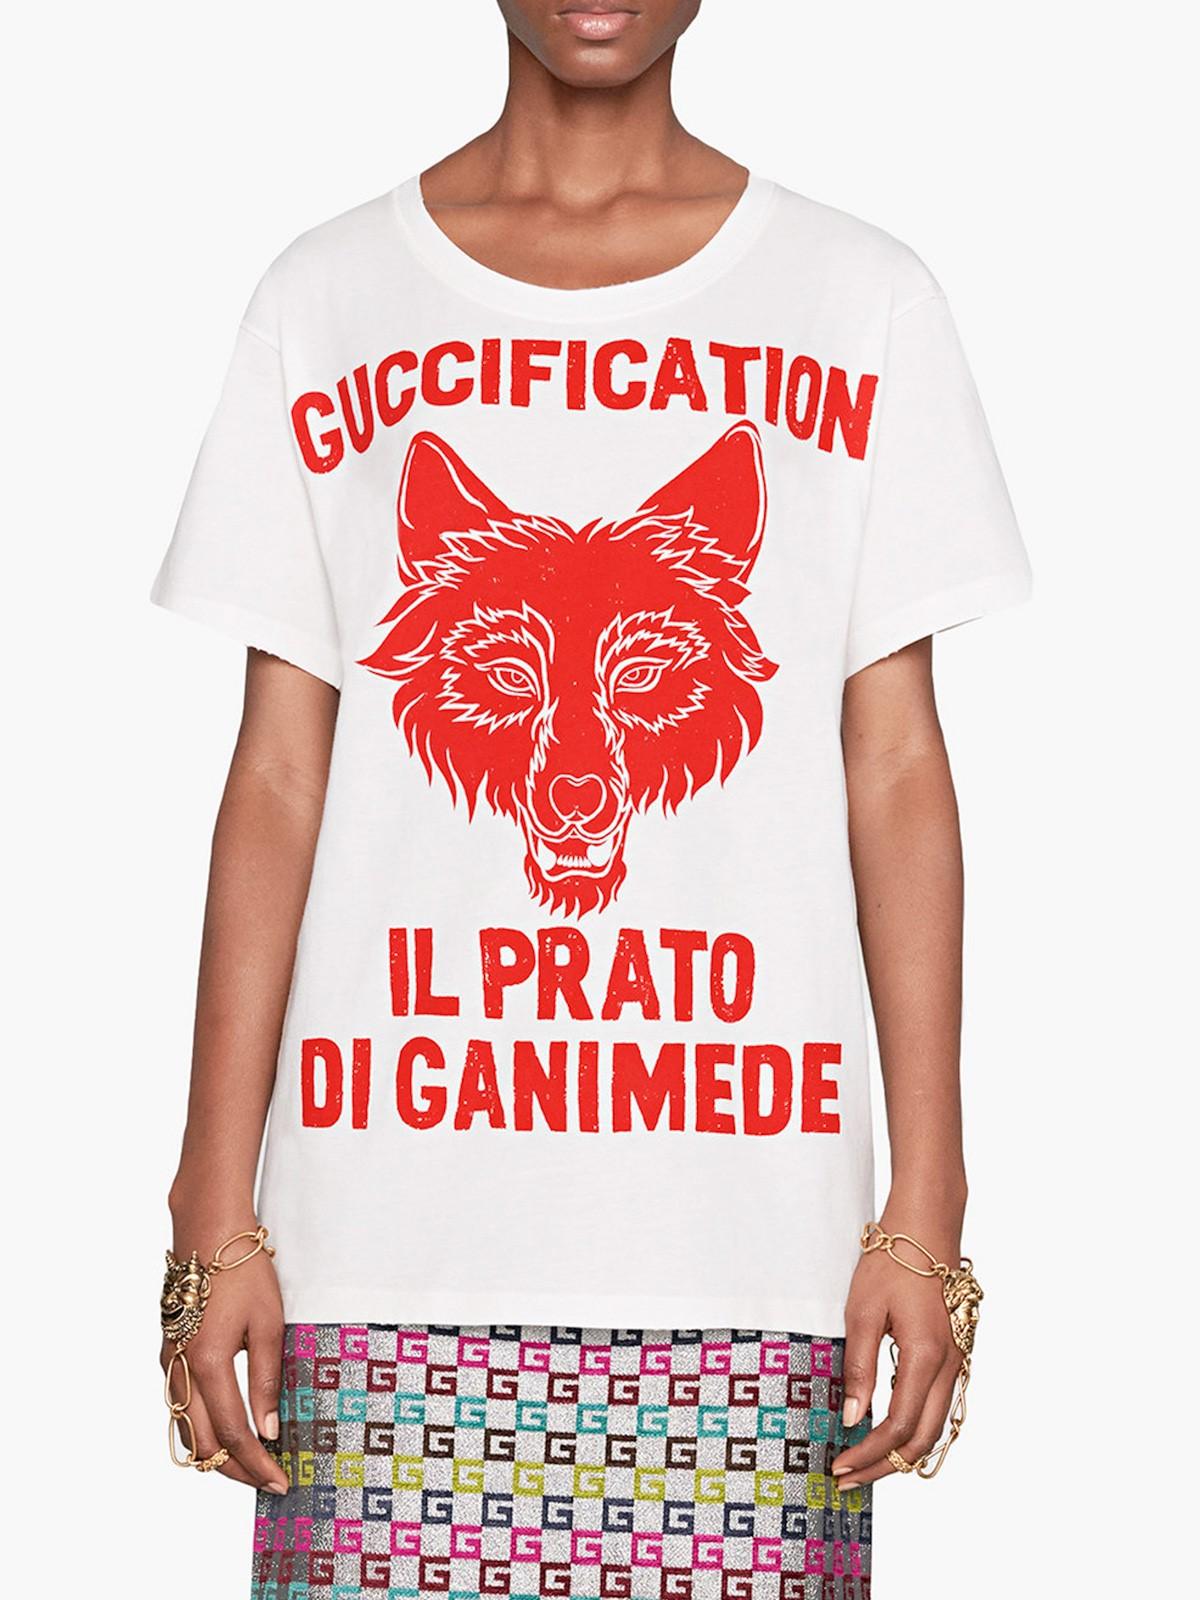 377b5ddd gucci IL PRATO DI GANIMEDE GUCCIFICATION PRINT T-SHIRT available on ...